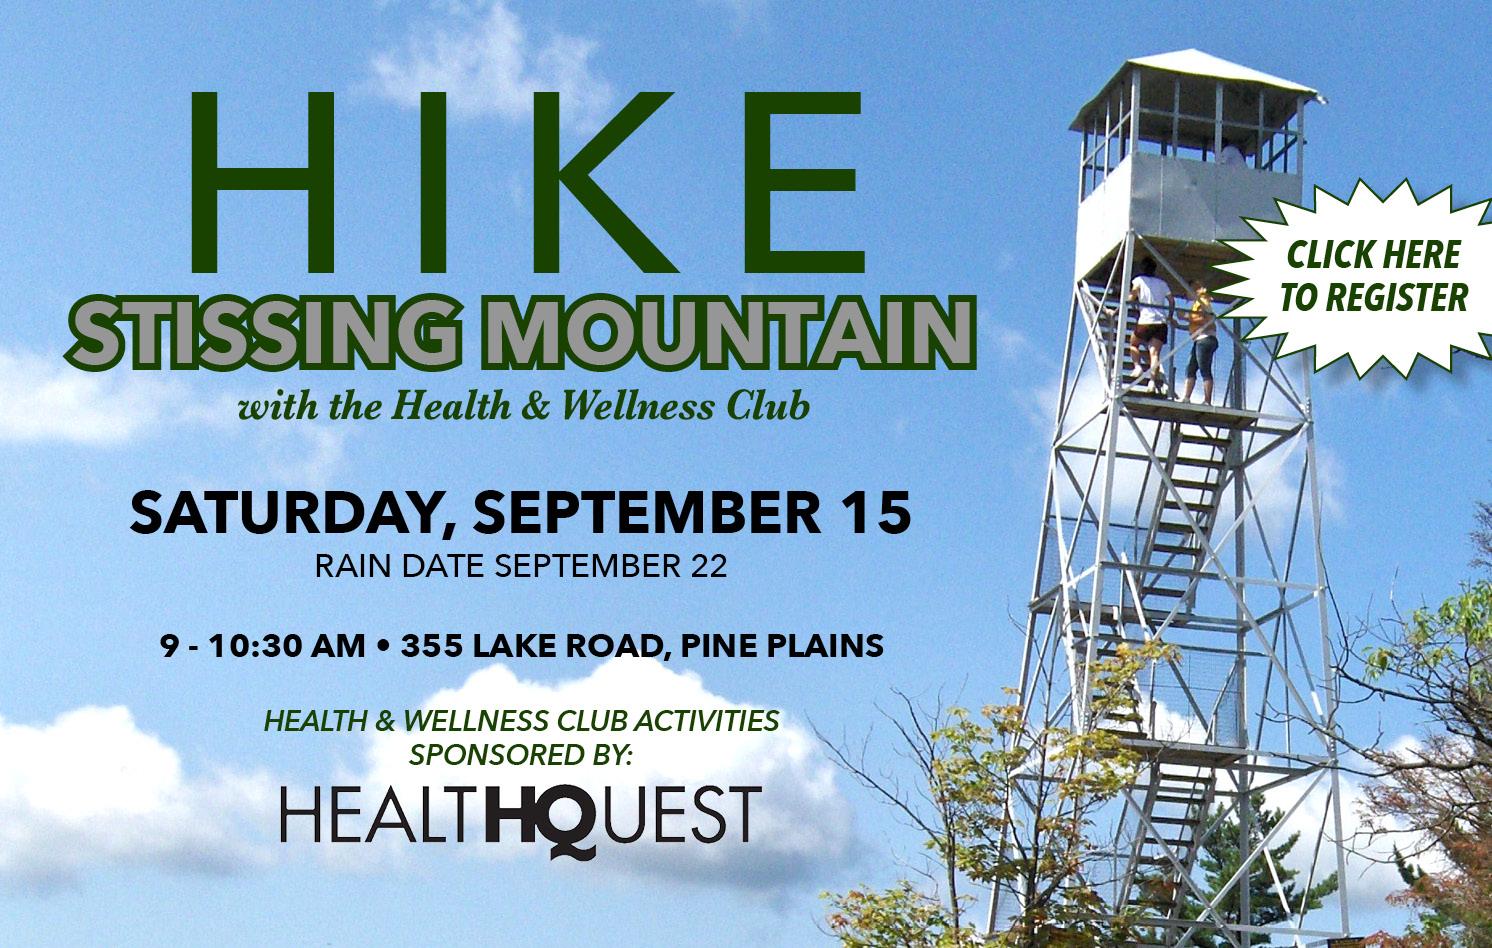 HikeStissing(1).jpg